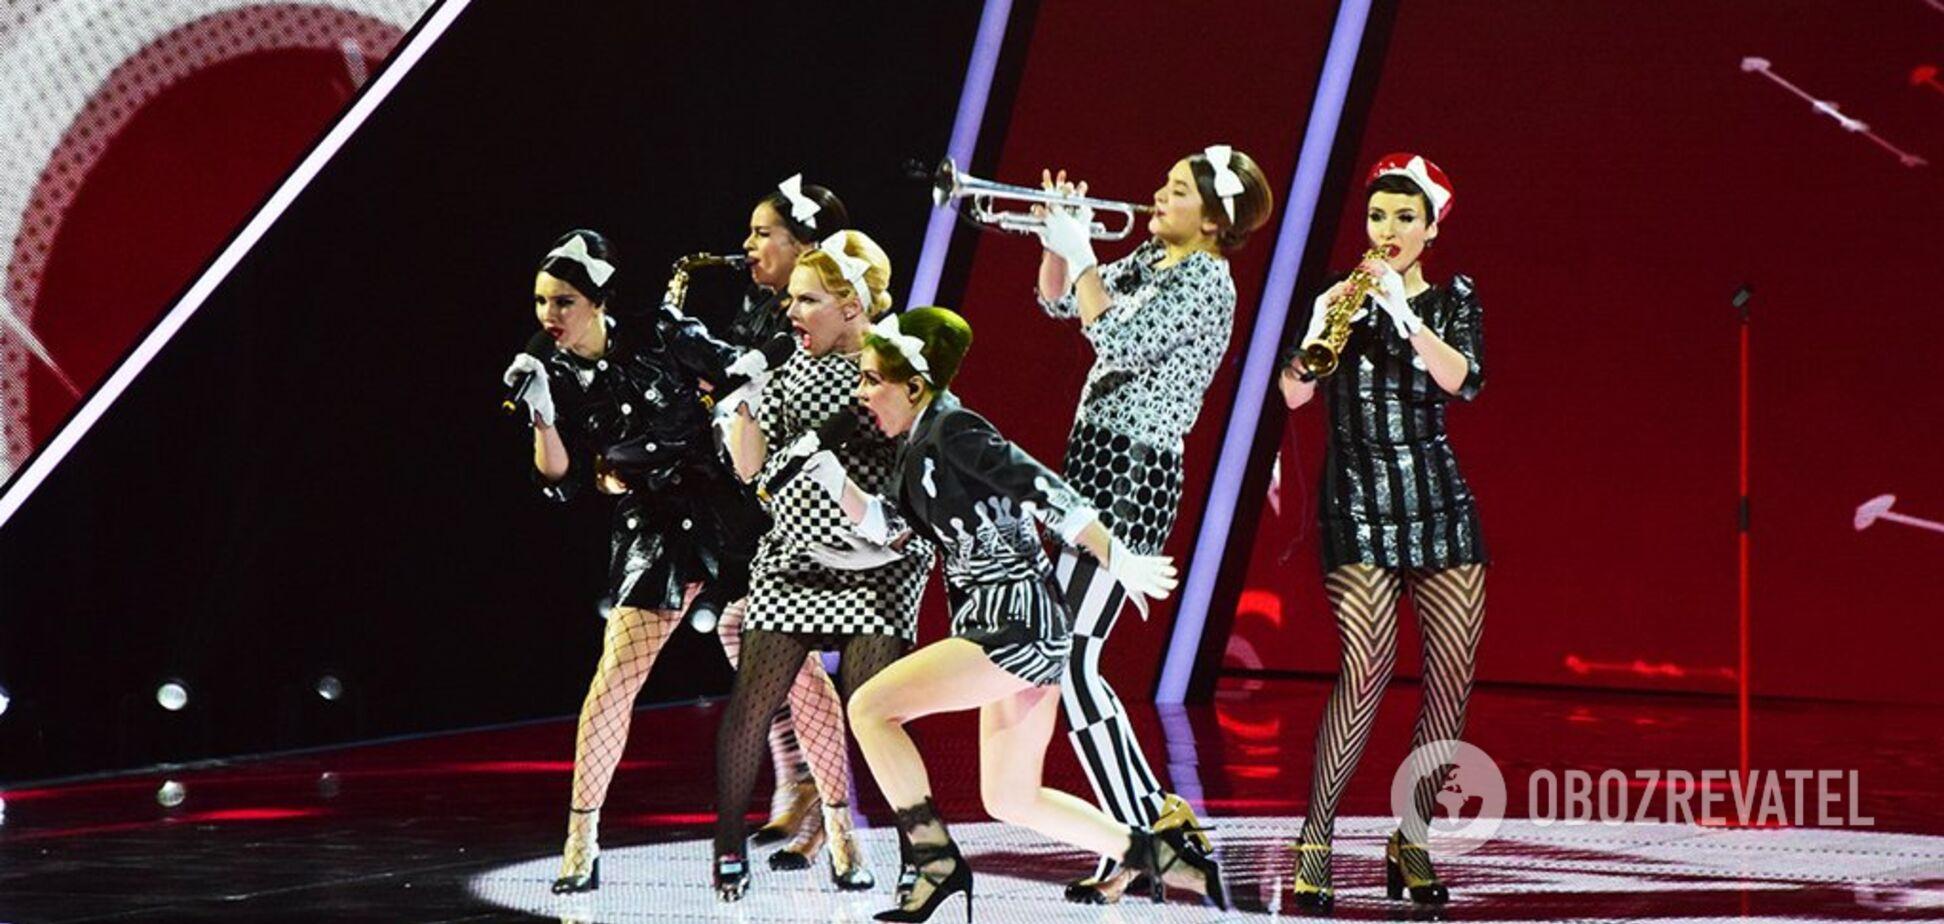 Нацотбор на Евровидение: как выступил главный сюрприз полуфинала Freedom jazz